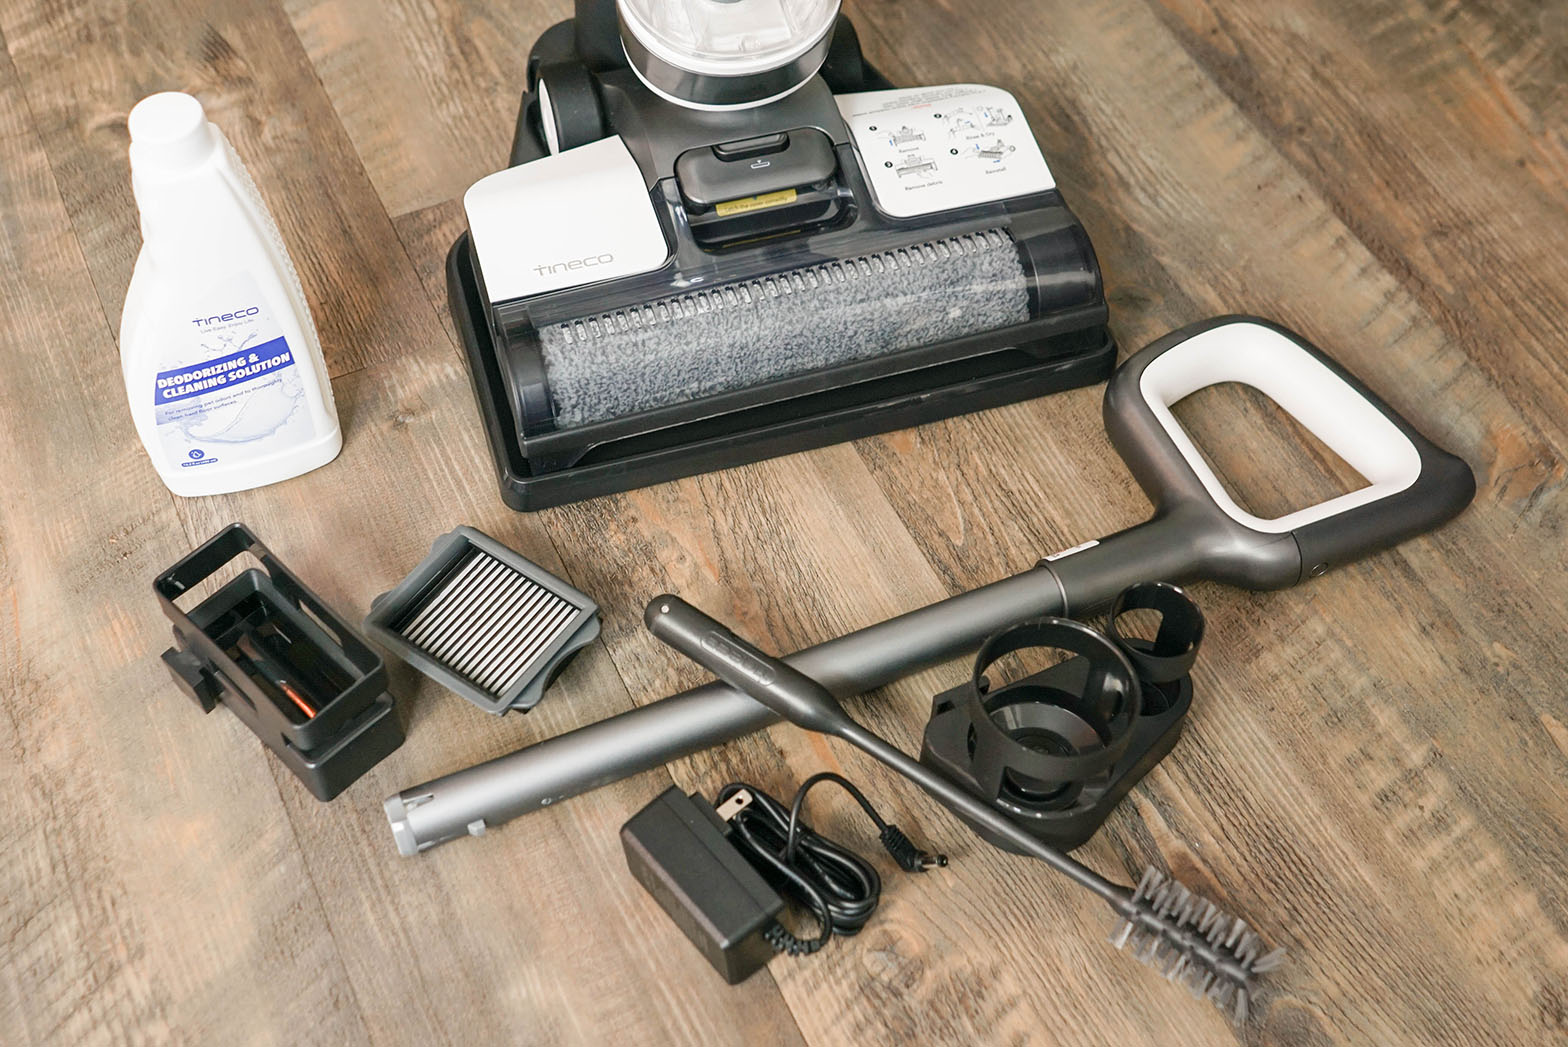 Tineco iFloor 3 Wet-Dry Upright Vacuum 3